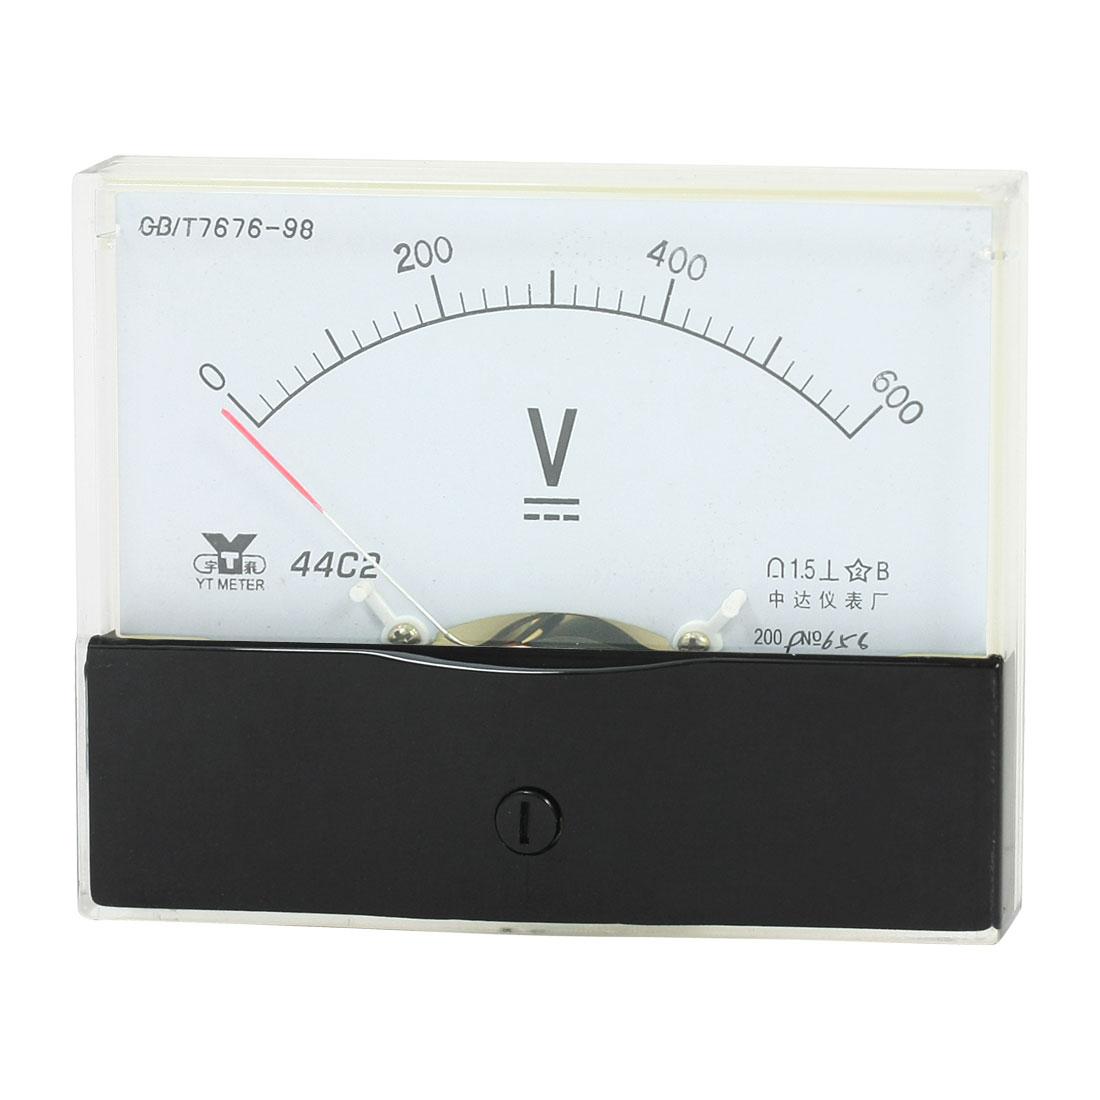 Measurement Tool Panel Mount Analog Voltmeter Volt Meter DC 0 - 600V Measuring Range 44C2